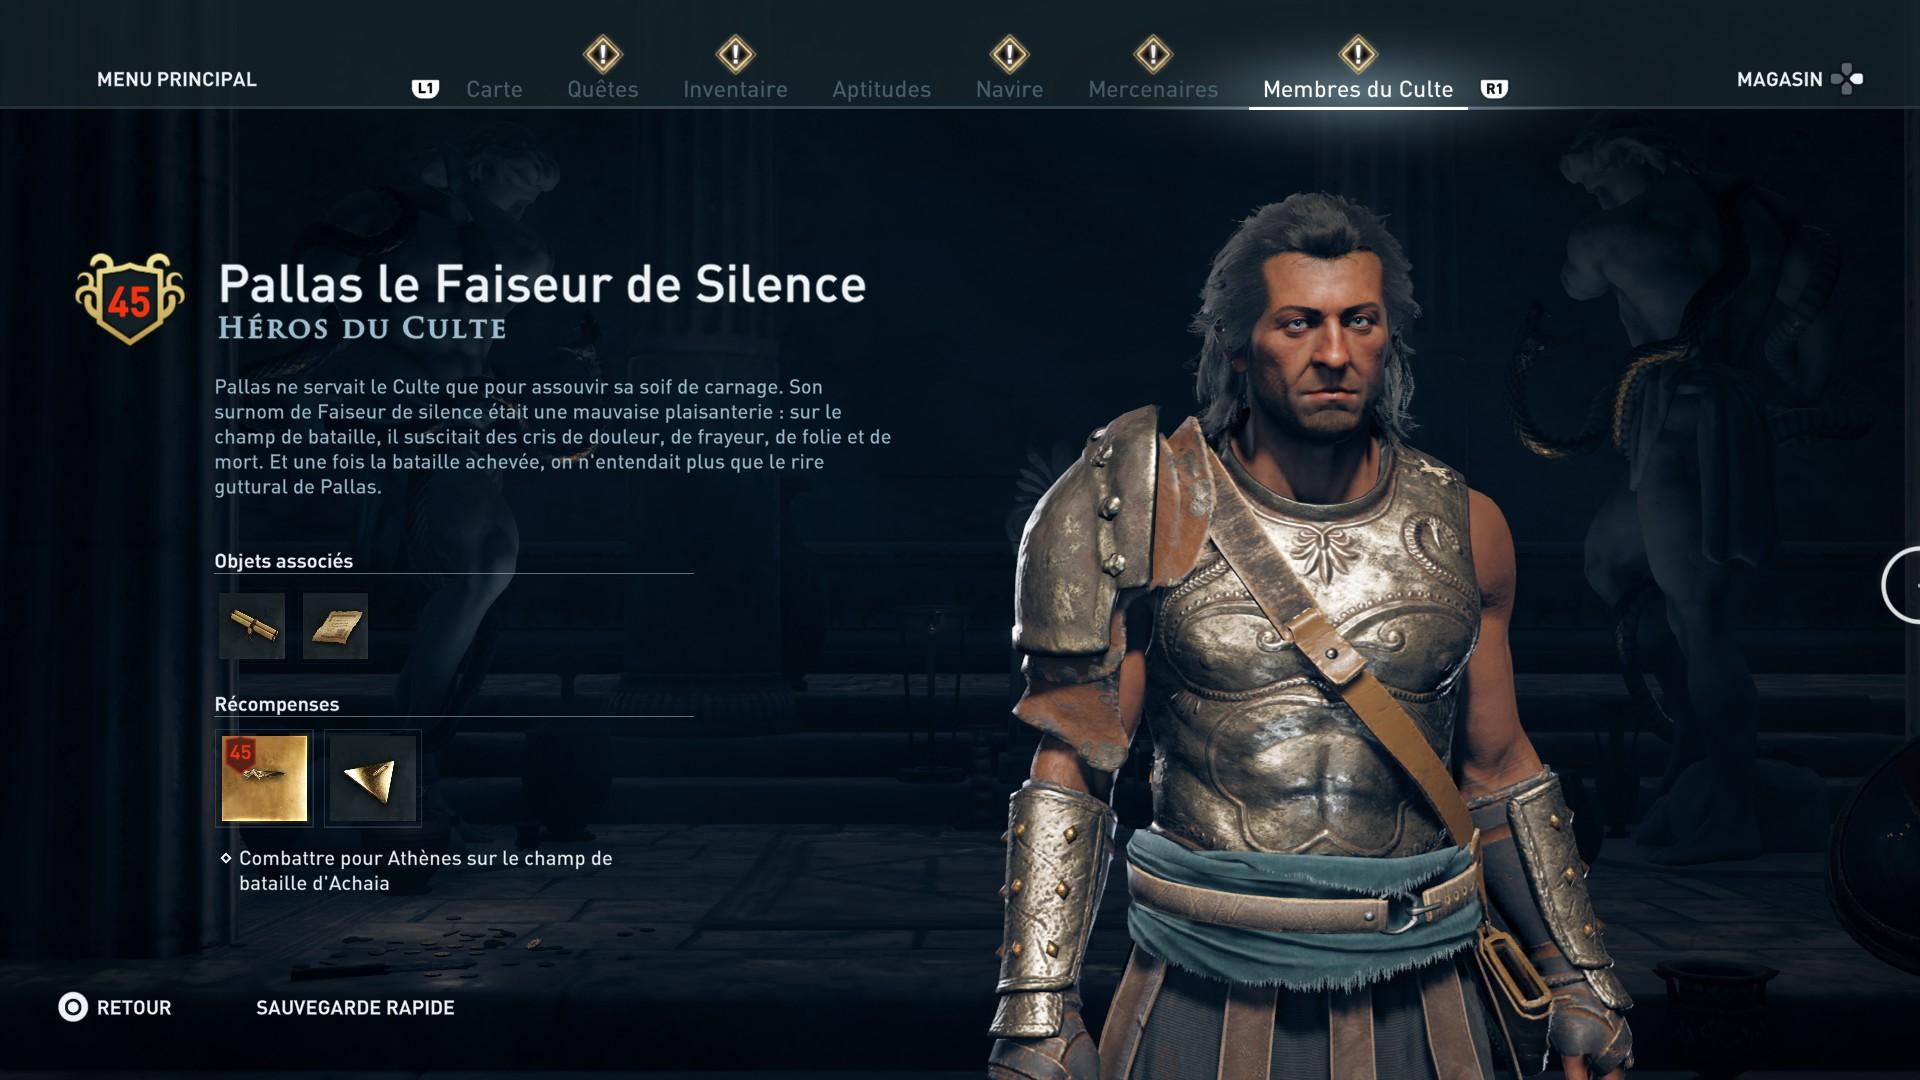 Assassin's Creed Odyssey trouver et tuer les adeptes du culte du Kosmos, ps4, xbox one, pc, ubisoft, jeu vidéo, pallas le faiseur de silence